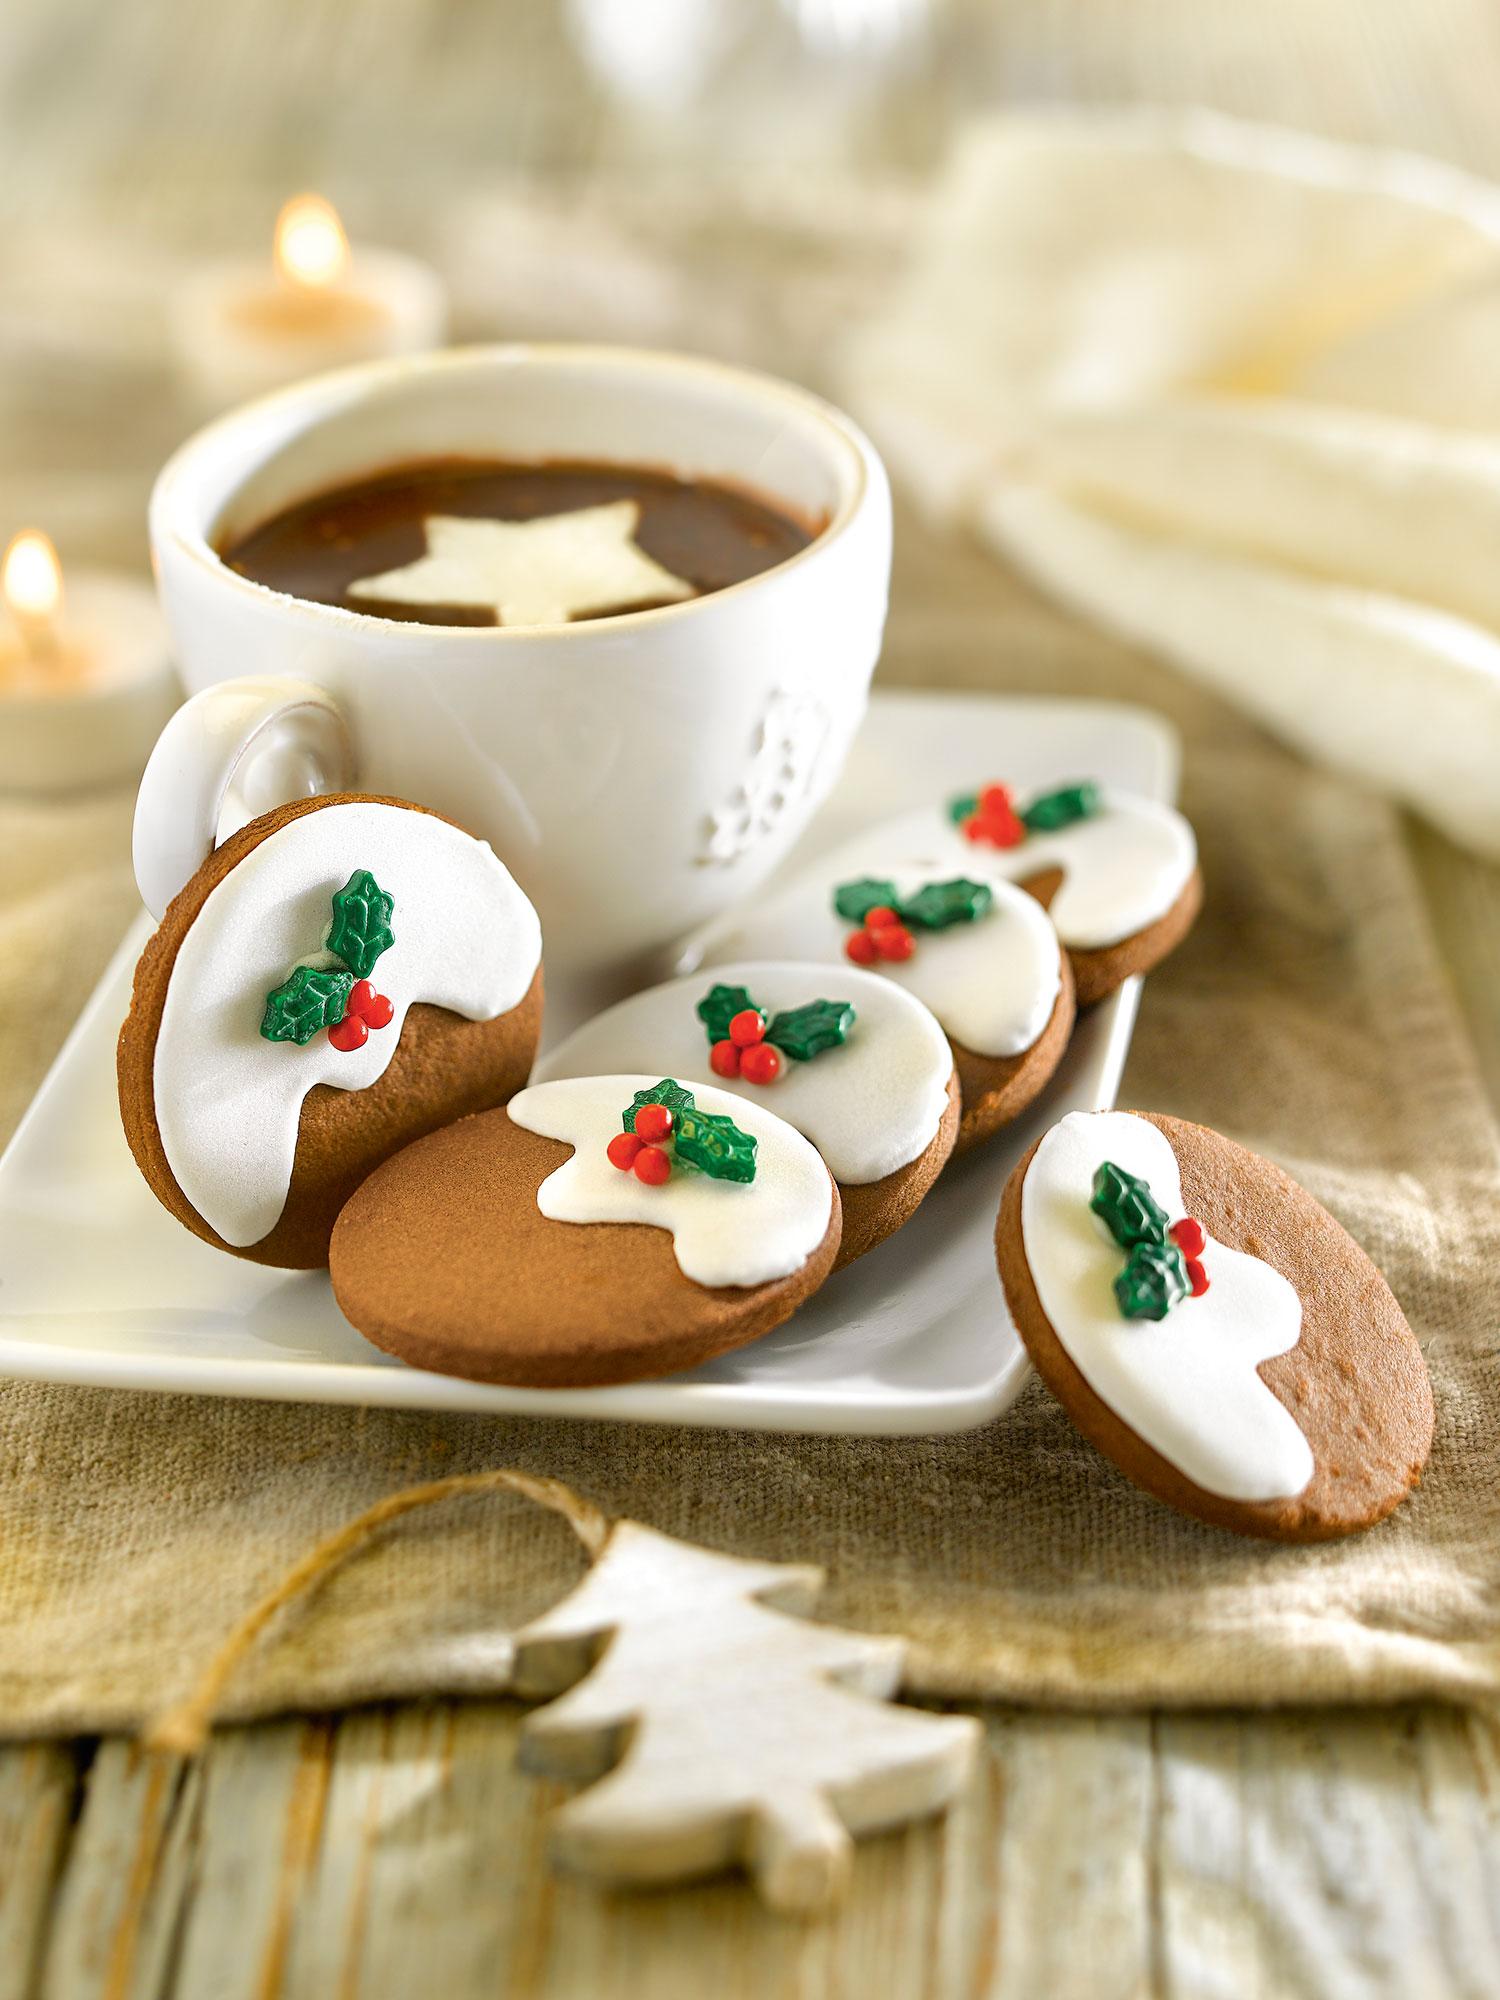 Imagenes De Galletas De Navidad Decoradas.Galletas De Navidad 9 Recetas Faciles Y Muy Originales